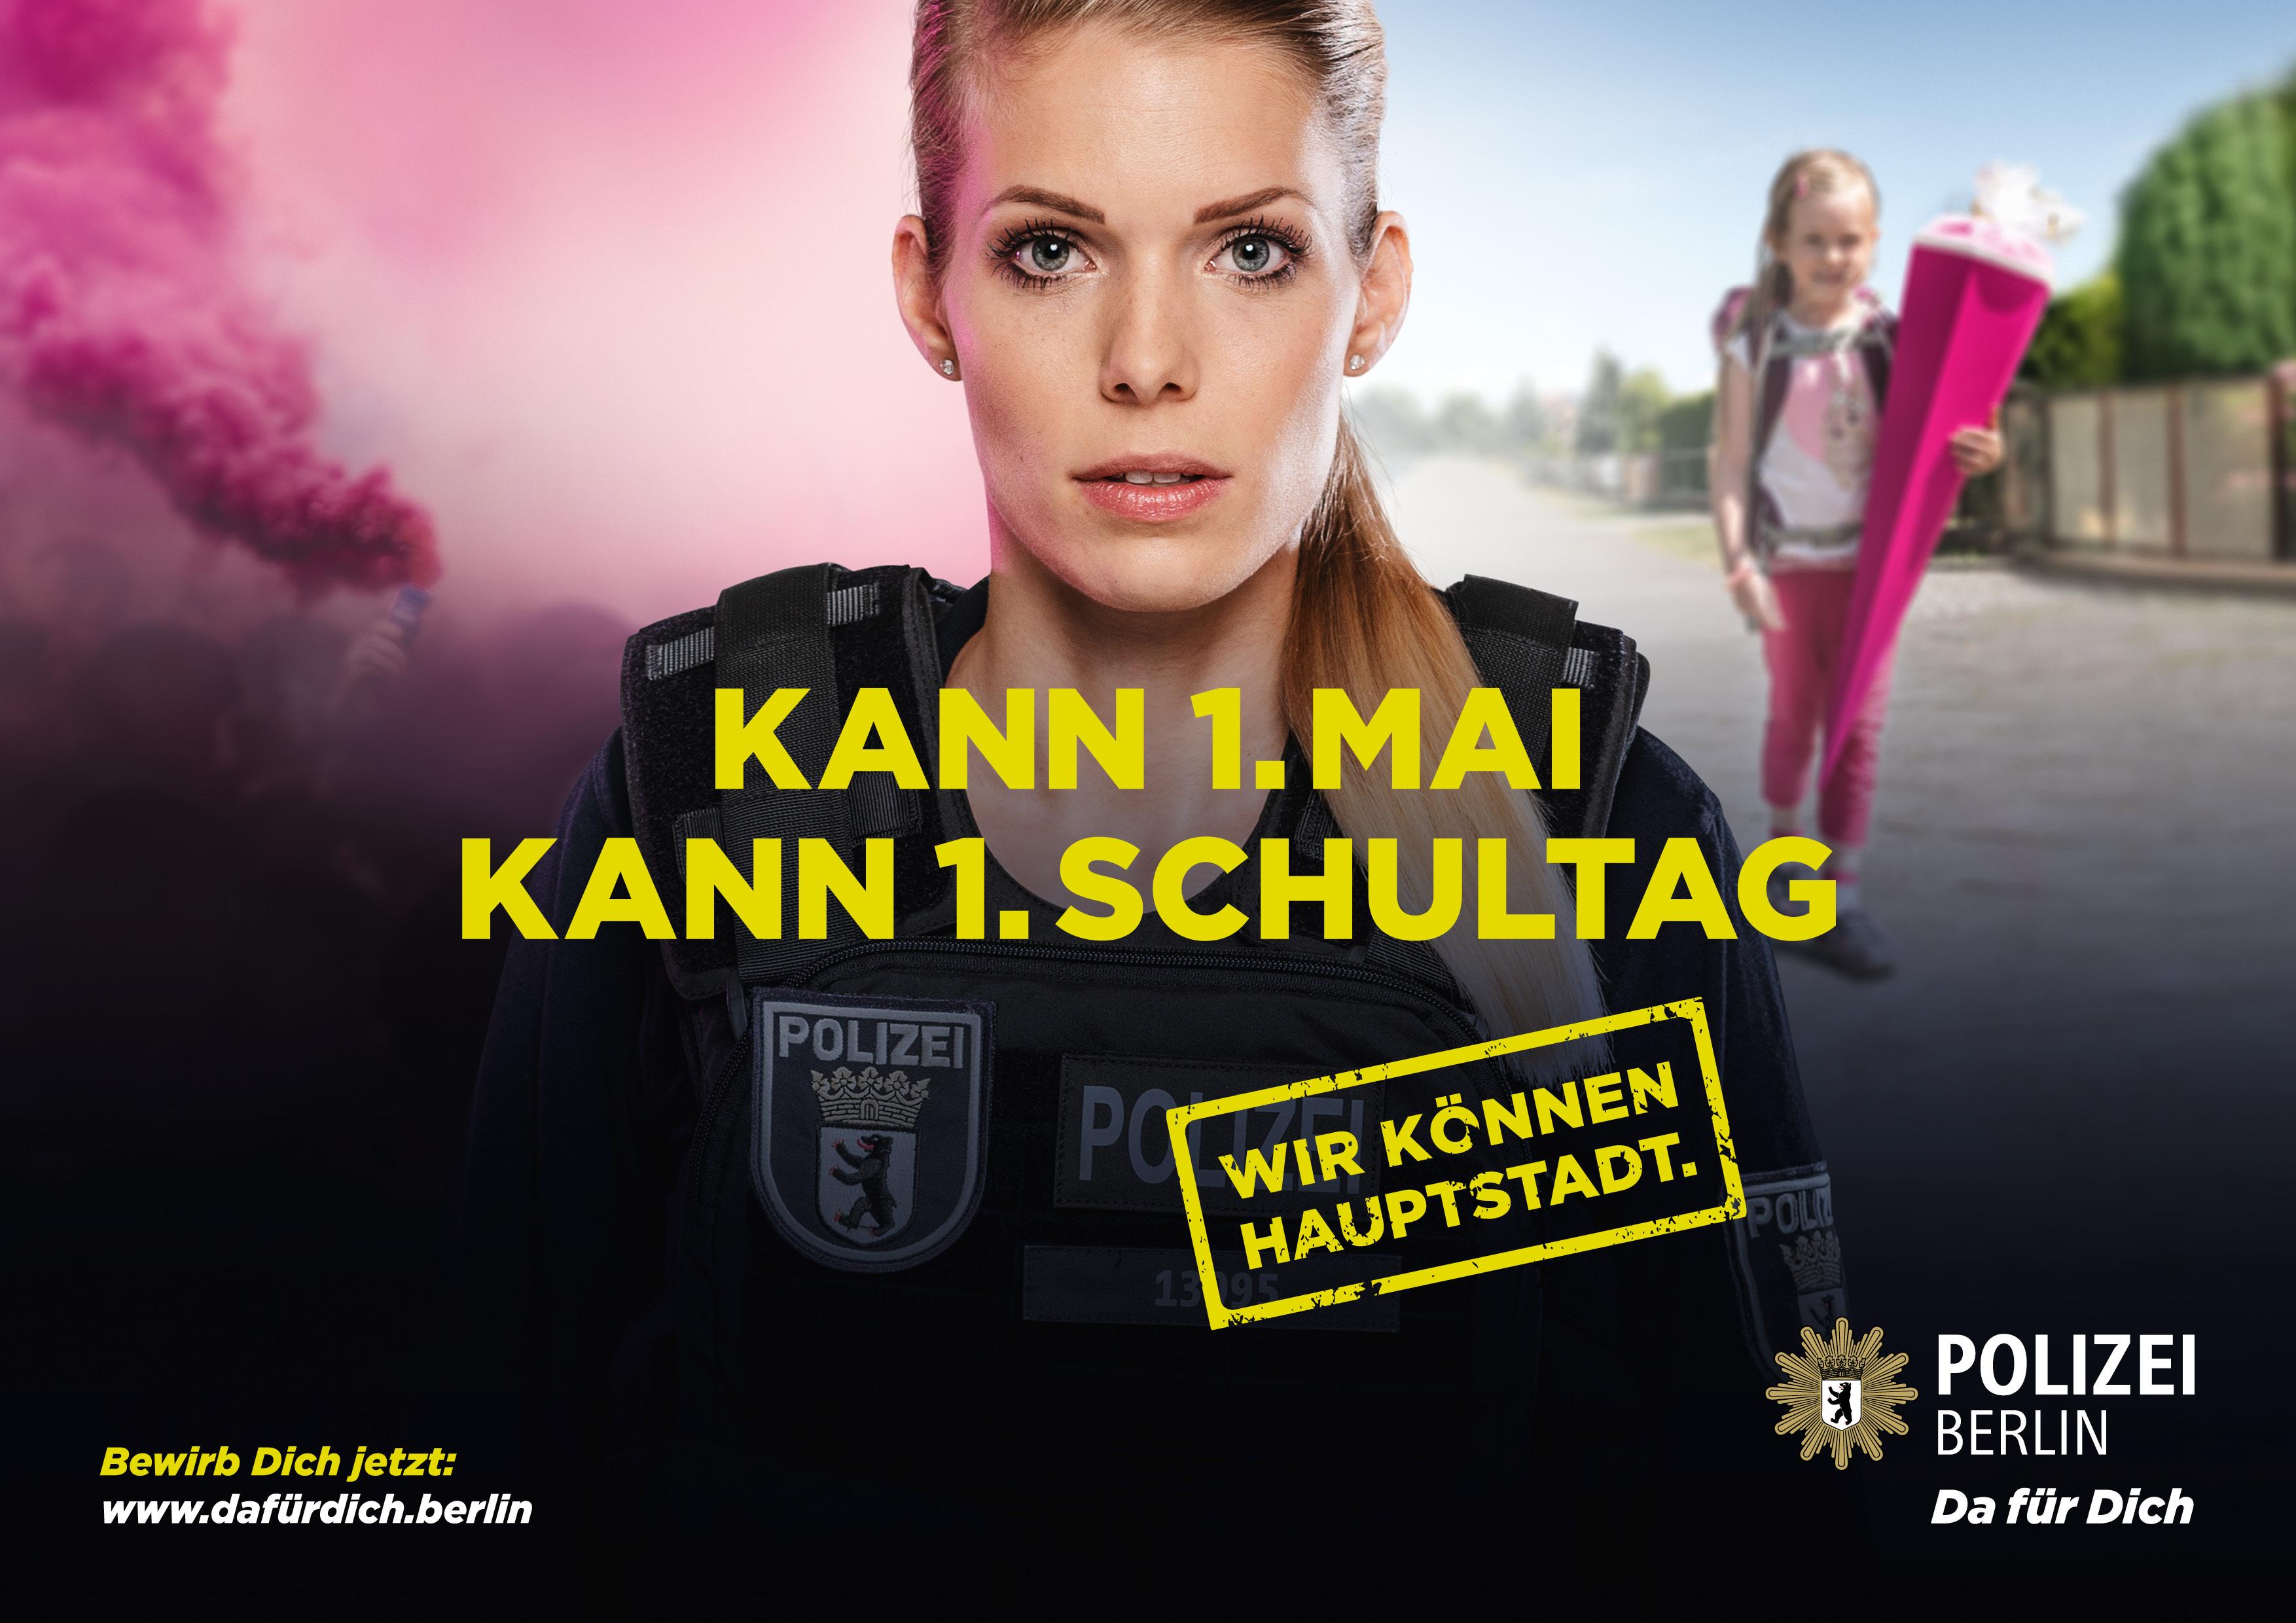 190819_Polizei_Berlin_Kampagne_Wir können Haupstadt_quer_1.jpg